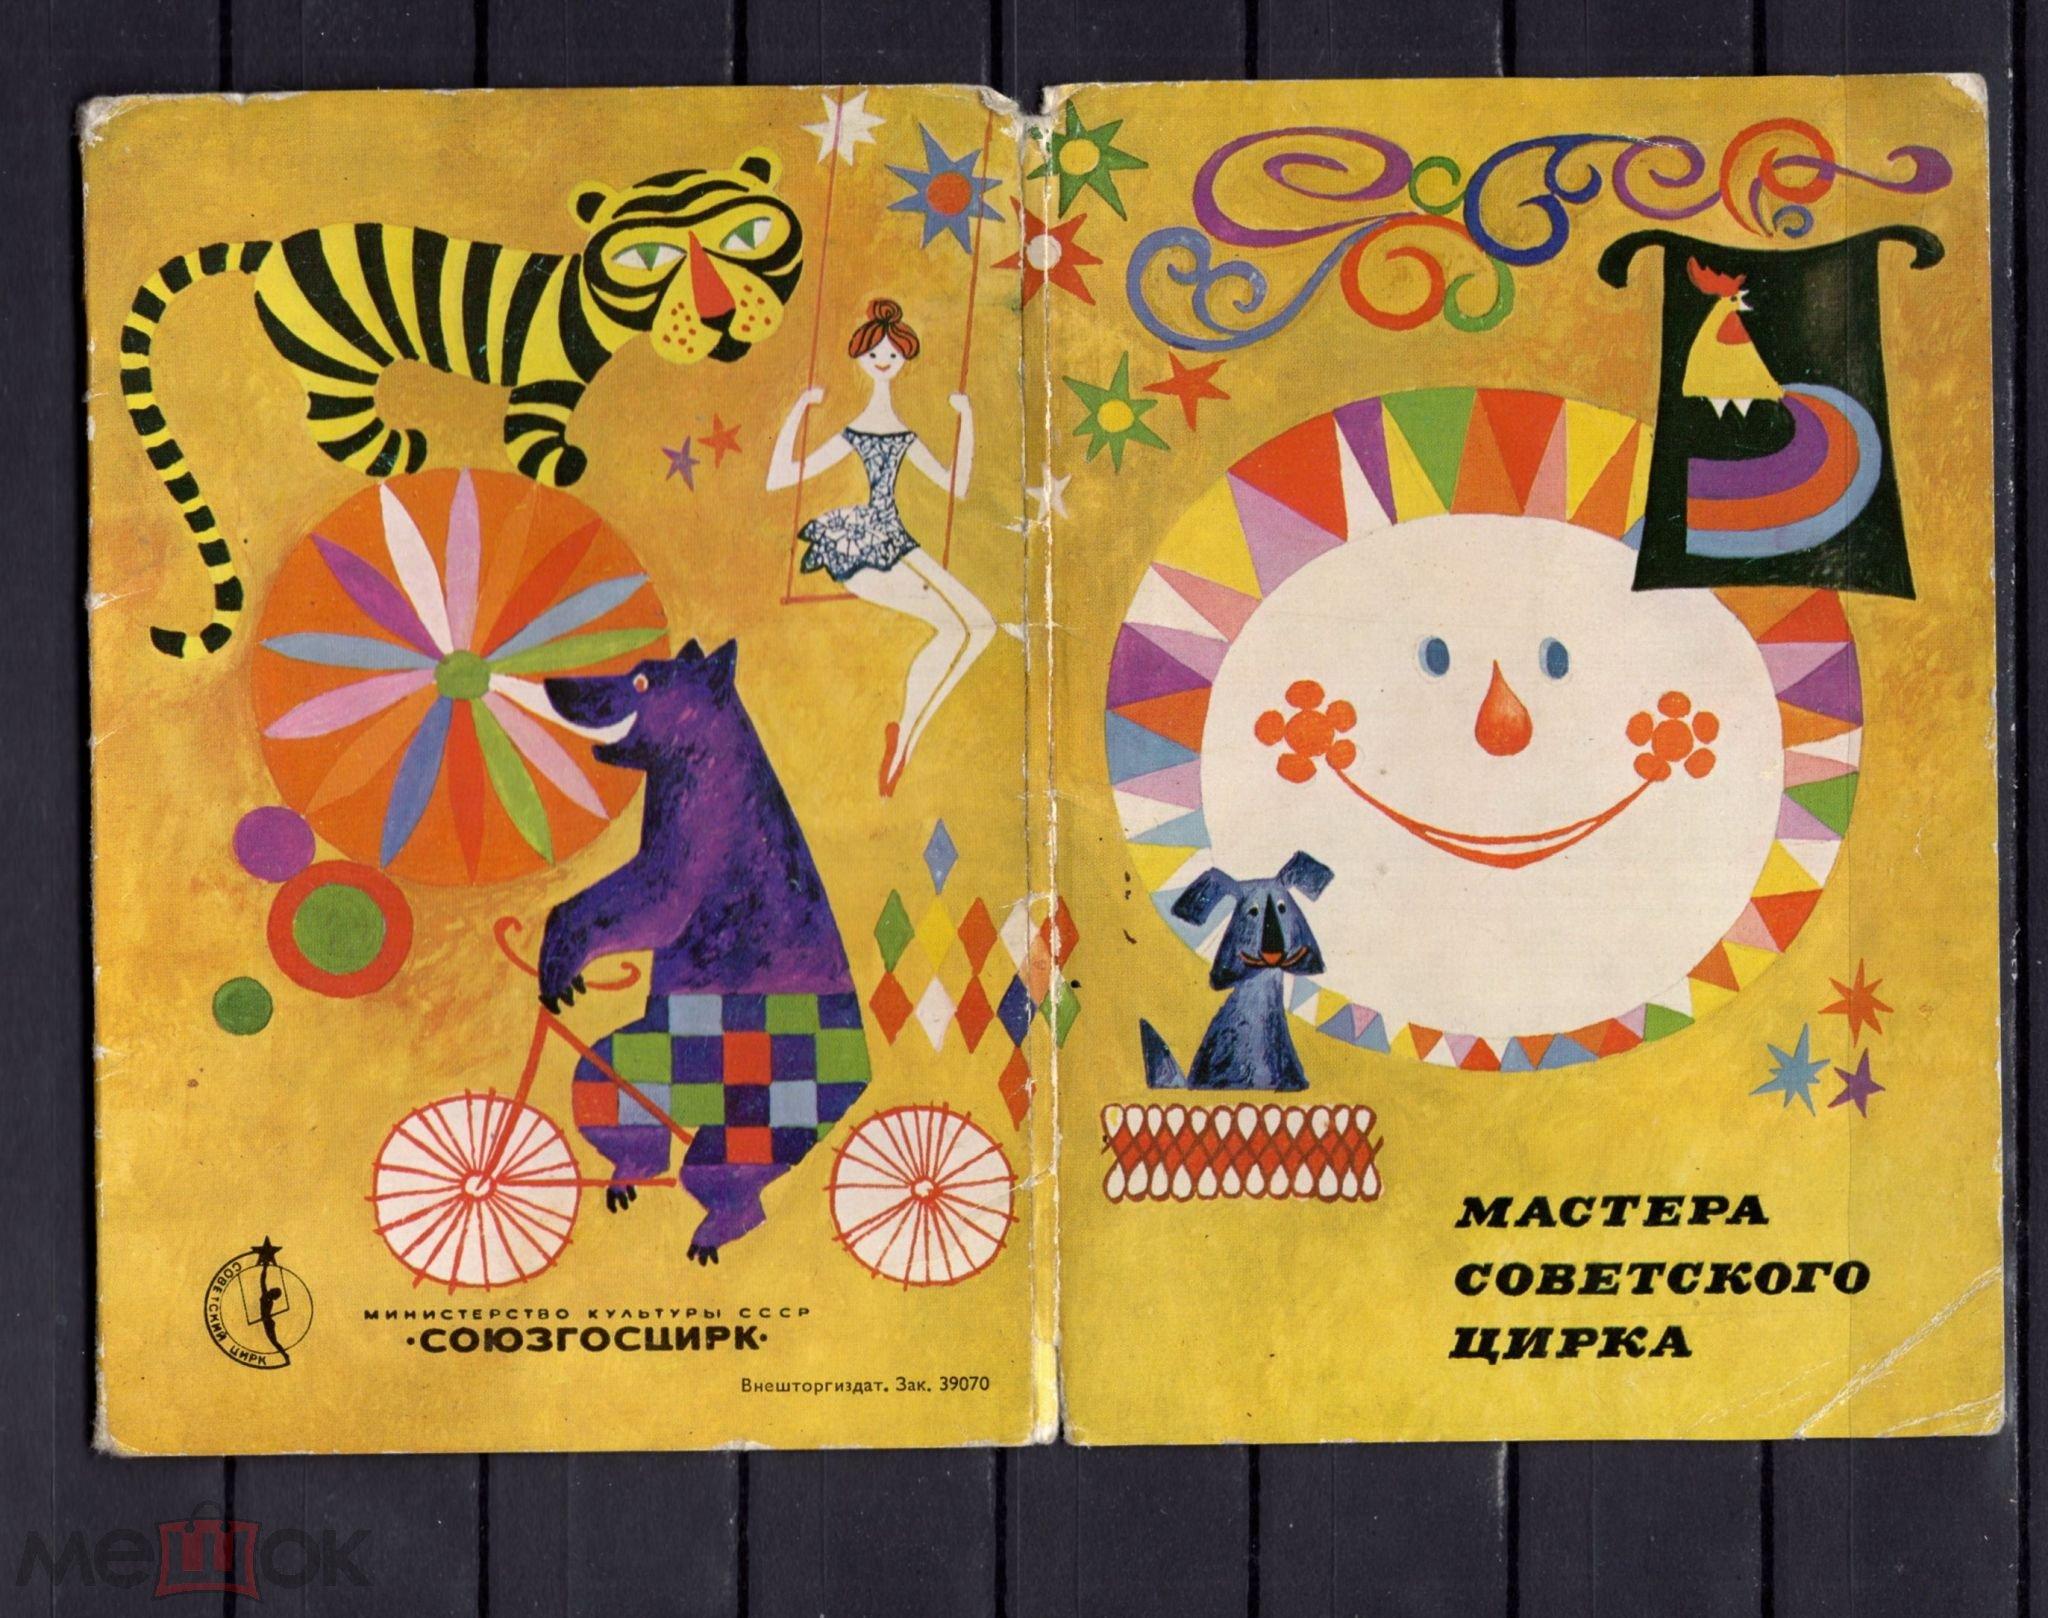 Лет, открытки о цирке